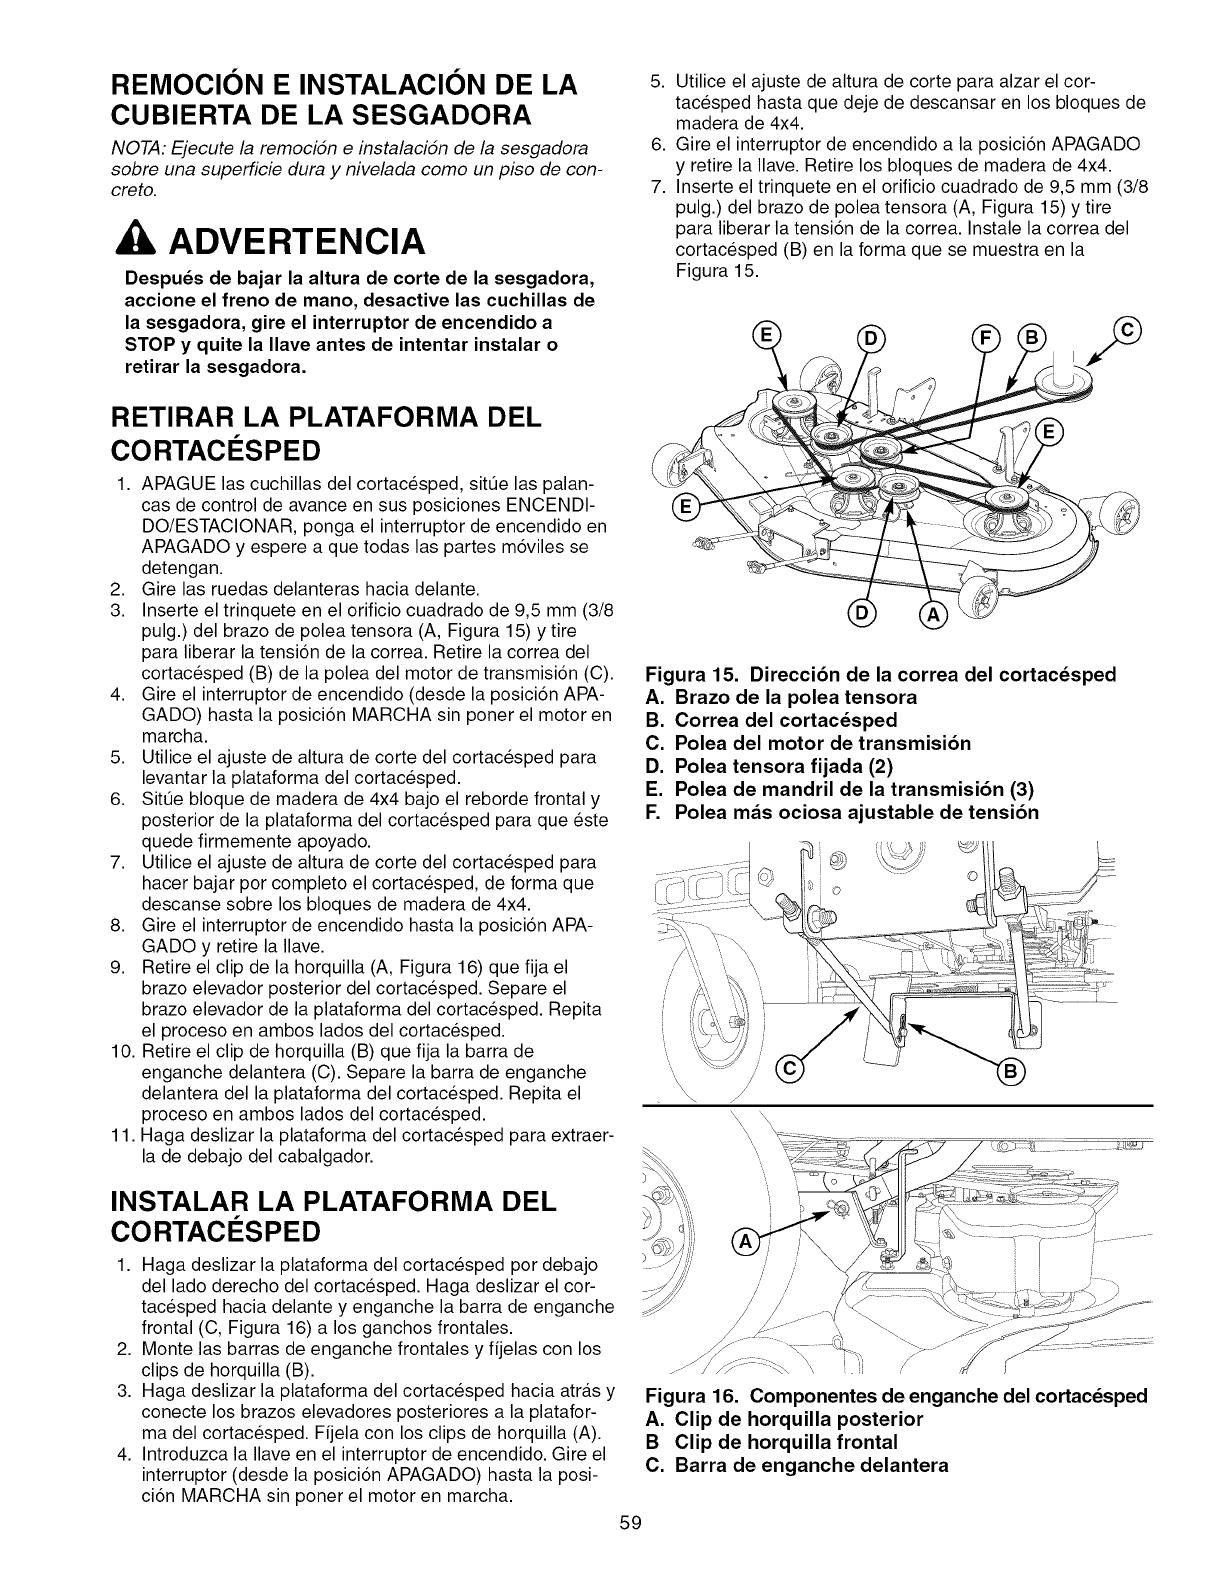 Craftsman 28992 Operators Manual F Stop Mano Remocion E Instalacion De La